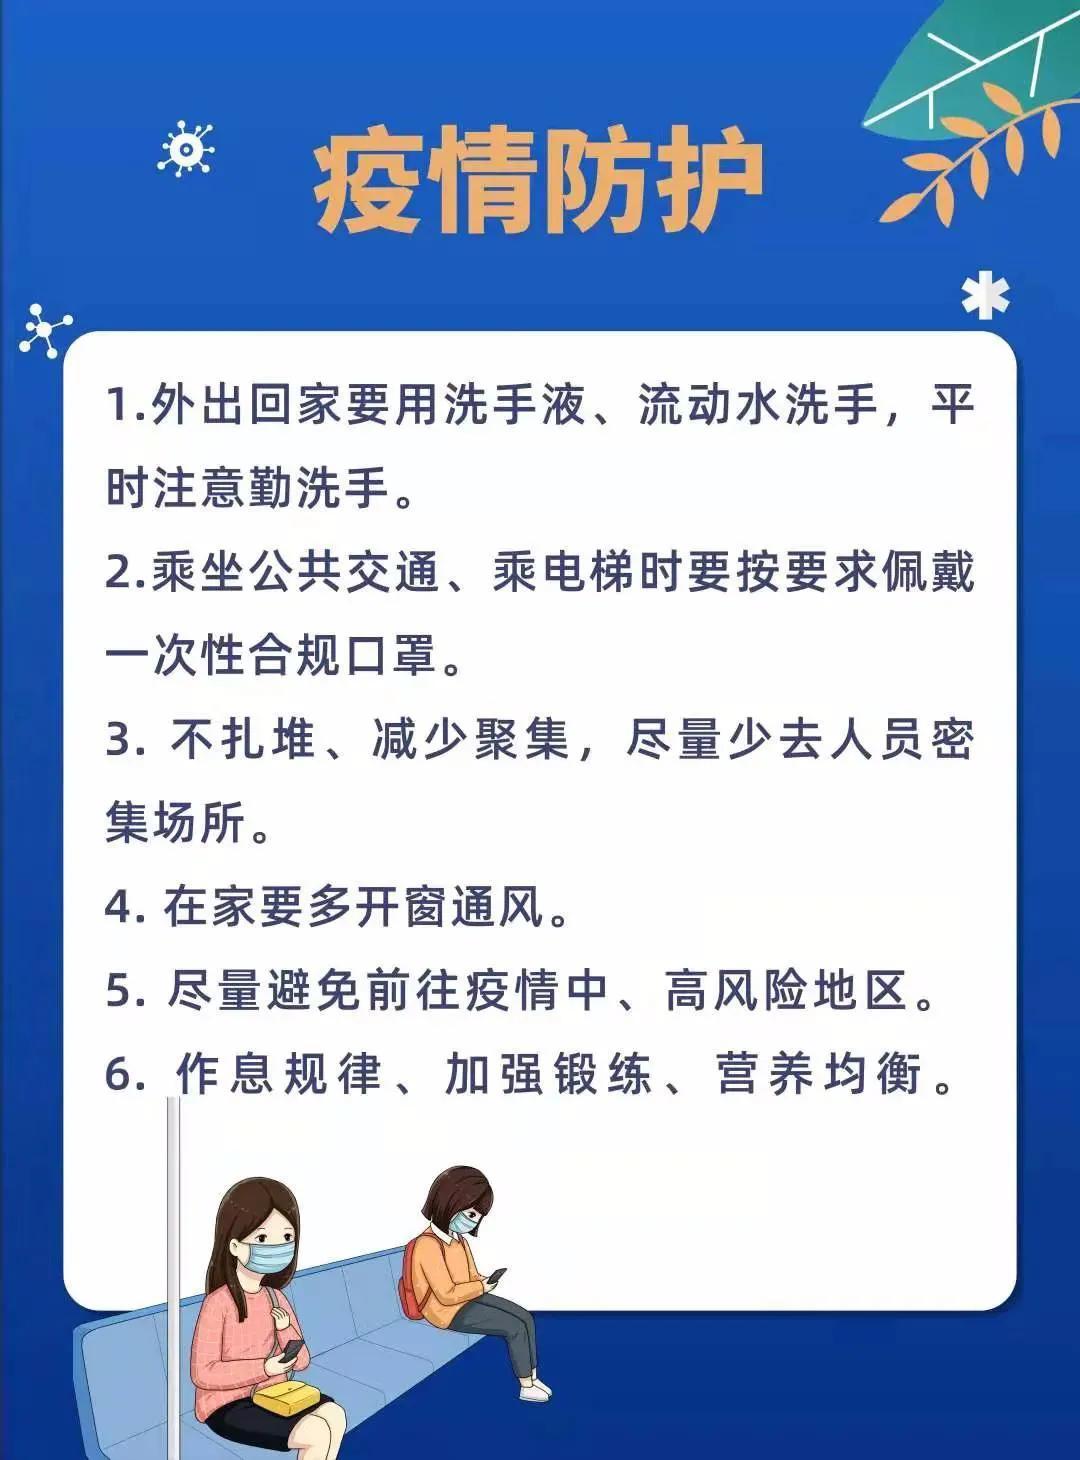 华一双师武汉小梅花学校2021春季开学安全教育告家长书